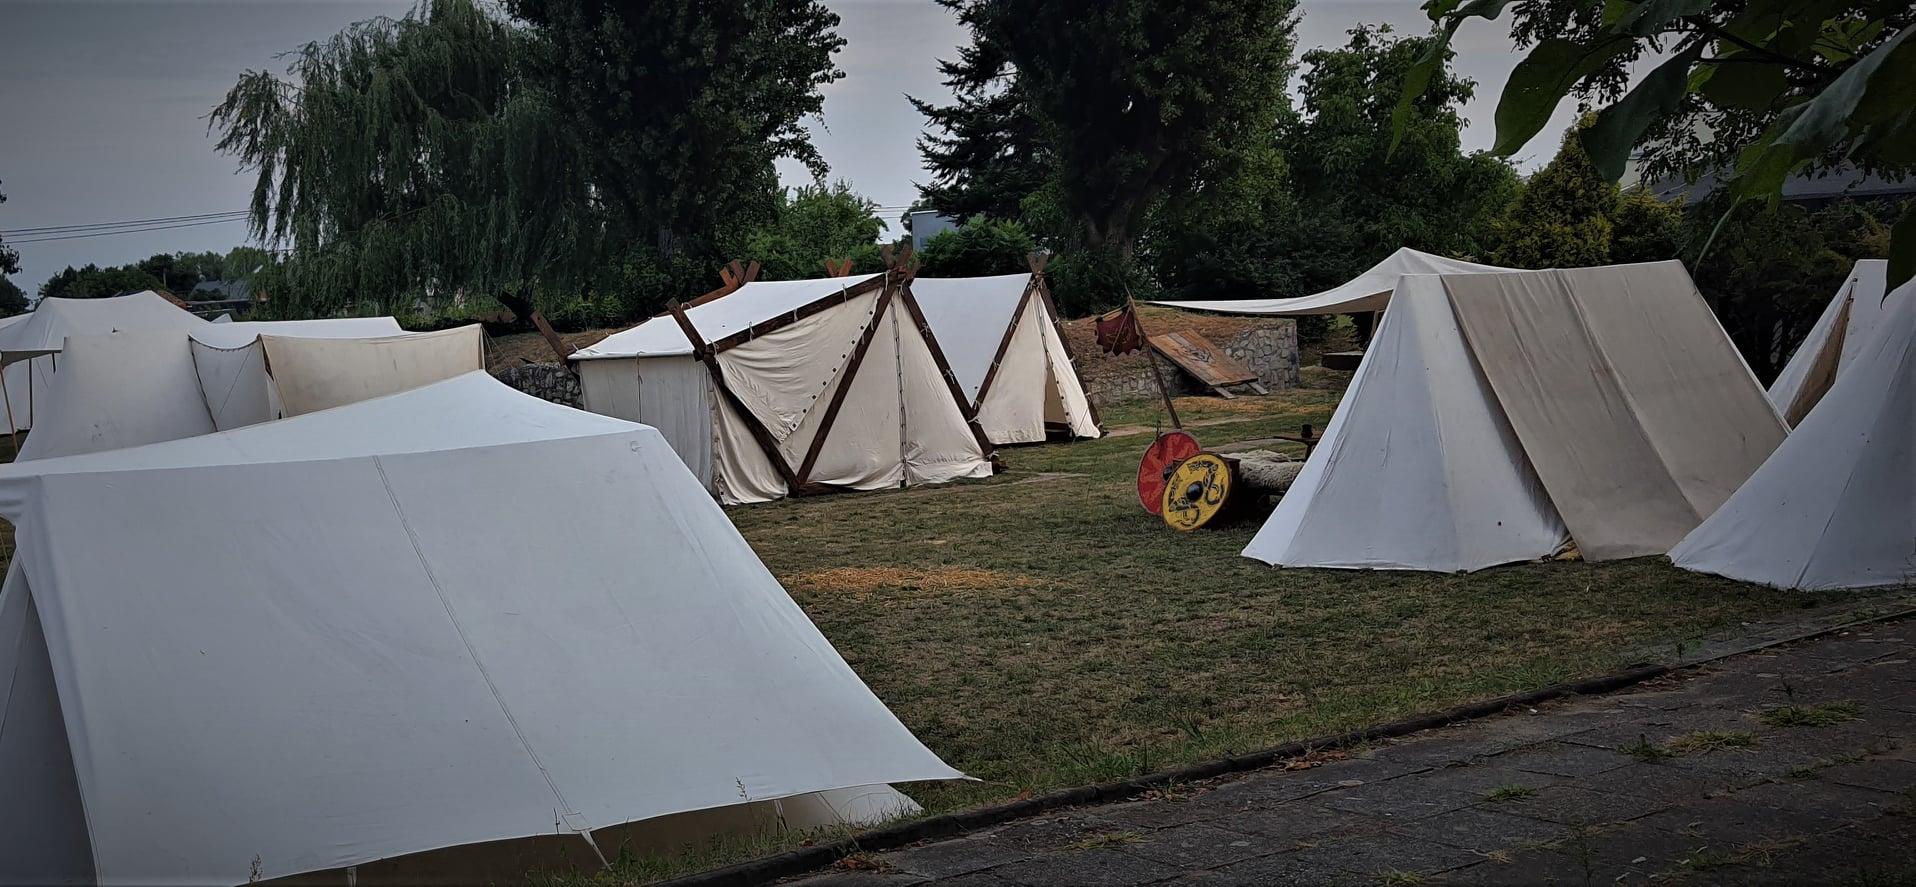 Średniowieczna wioska przy OOK zaprasza!